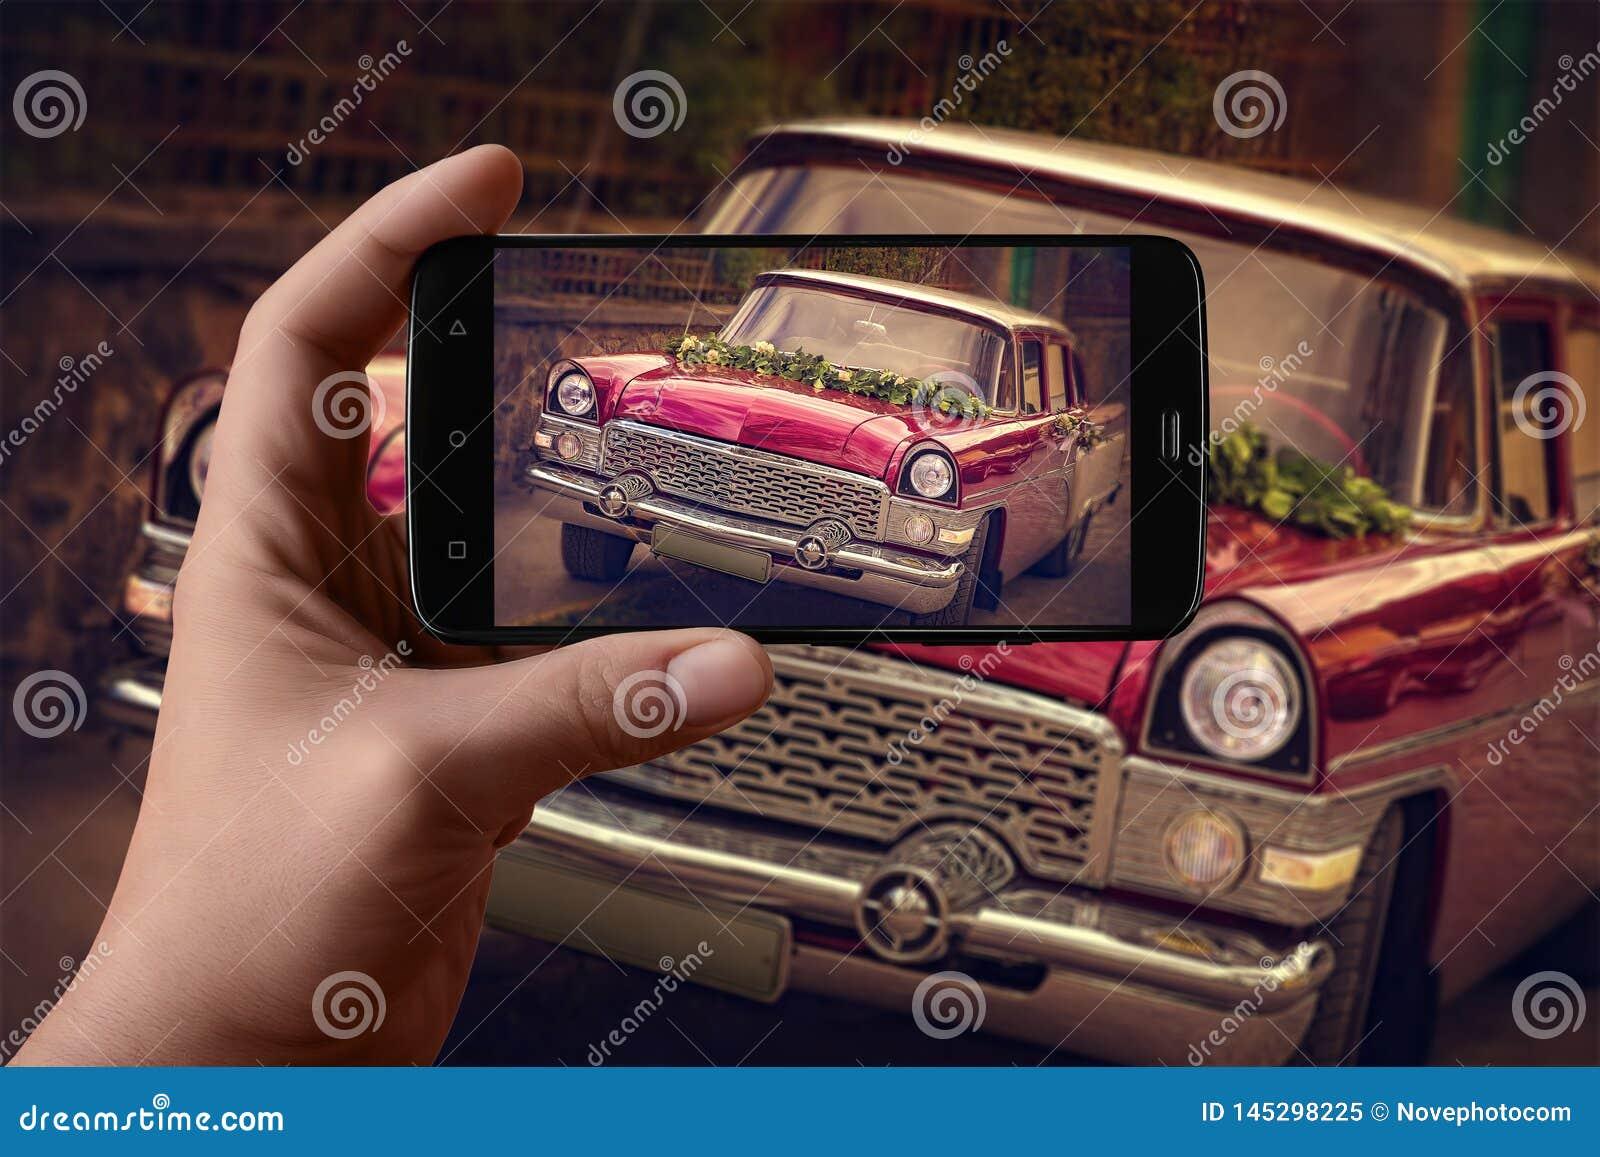 De handen die van mensen beelden van de auto op de telefoon nemen Uitstekende feestelijke auto